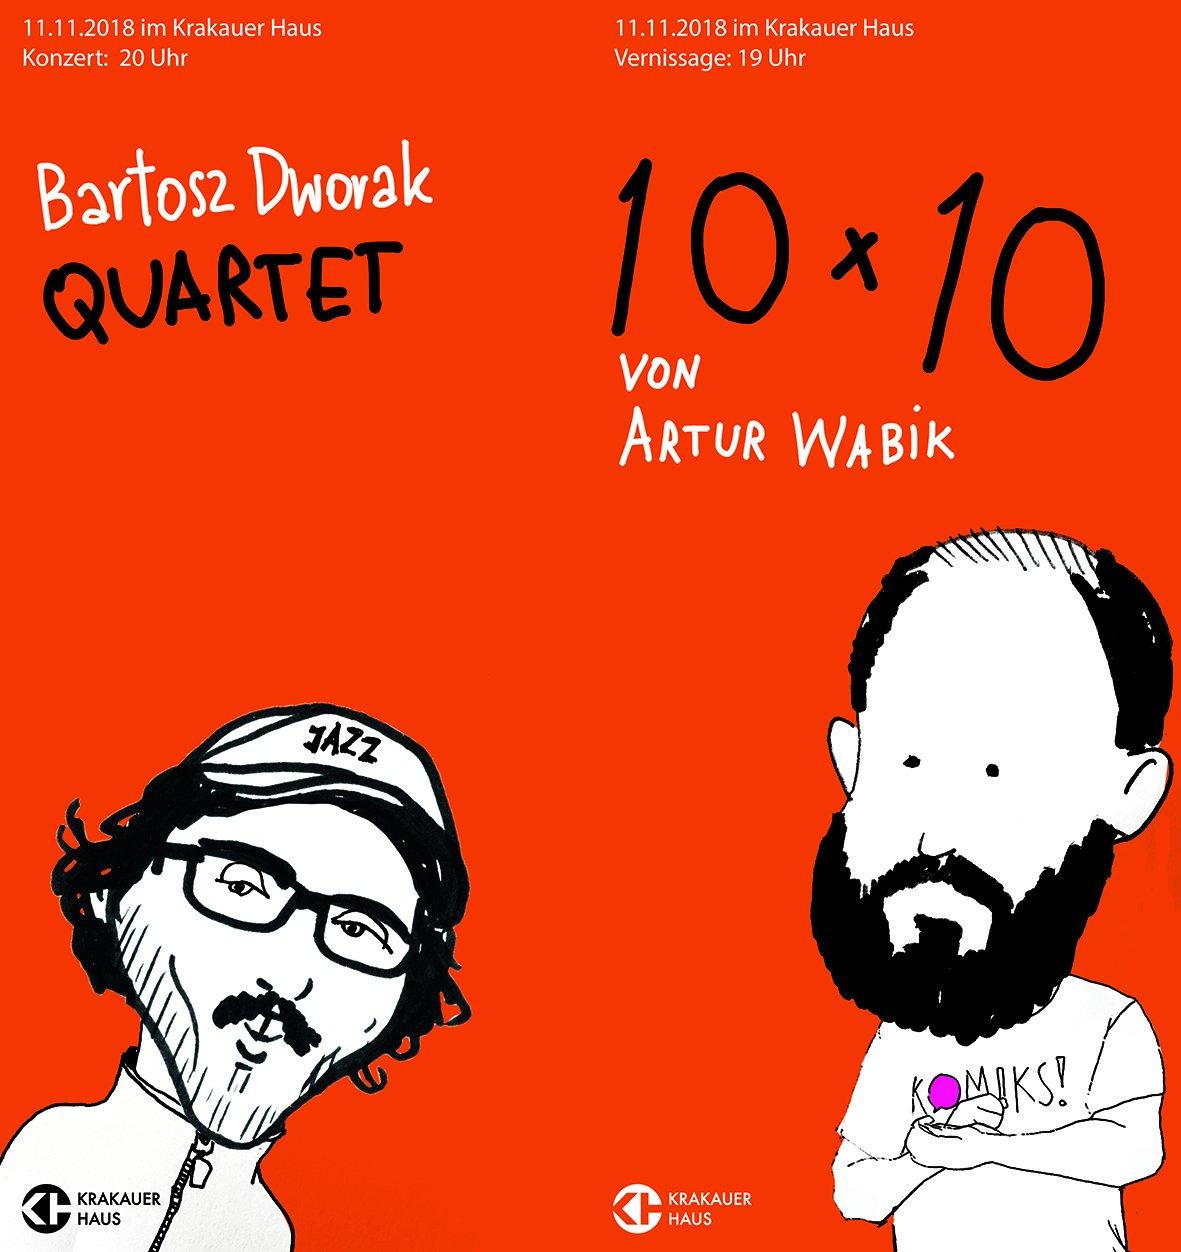 """Vernissage: """"10 x 10"""" von Artur Wabik, mit Konzert von Bartosz Dworak Quartet - © Veranstalter"""